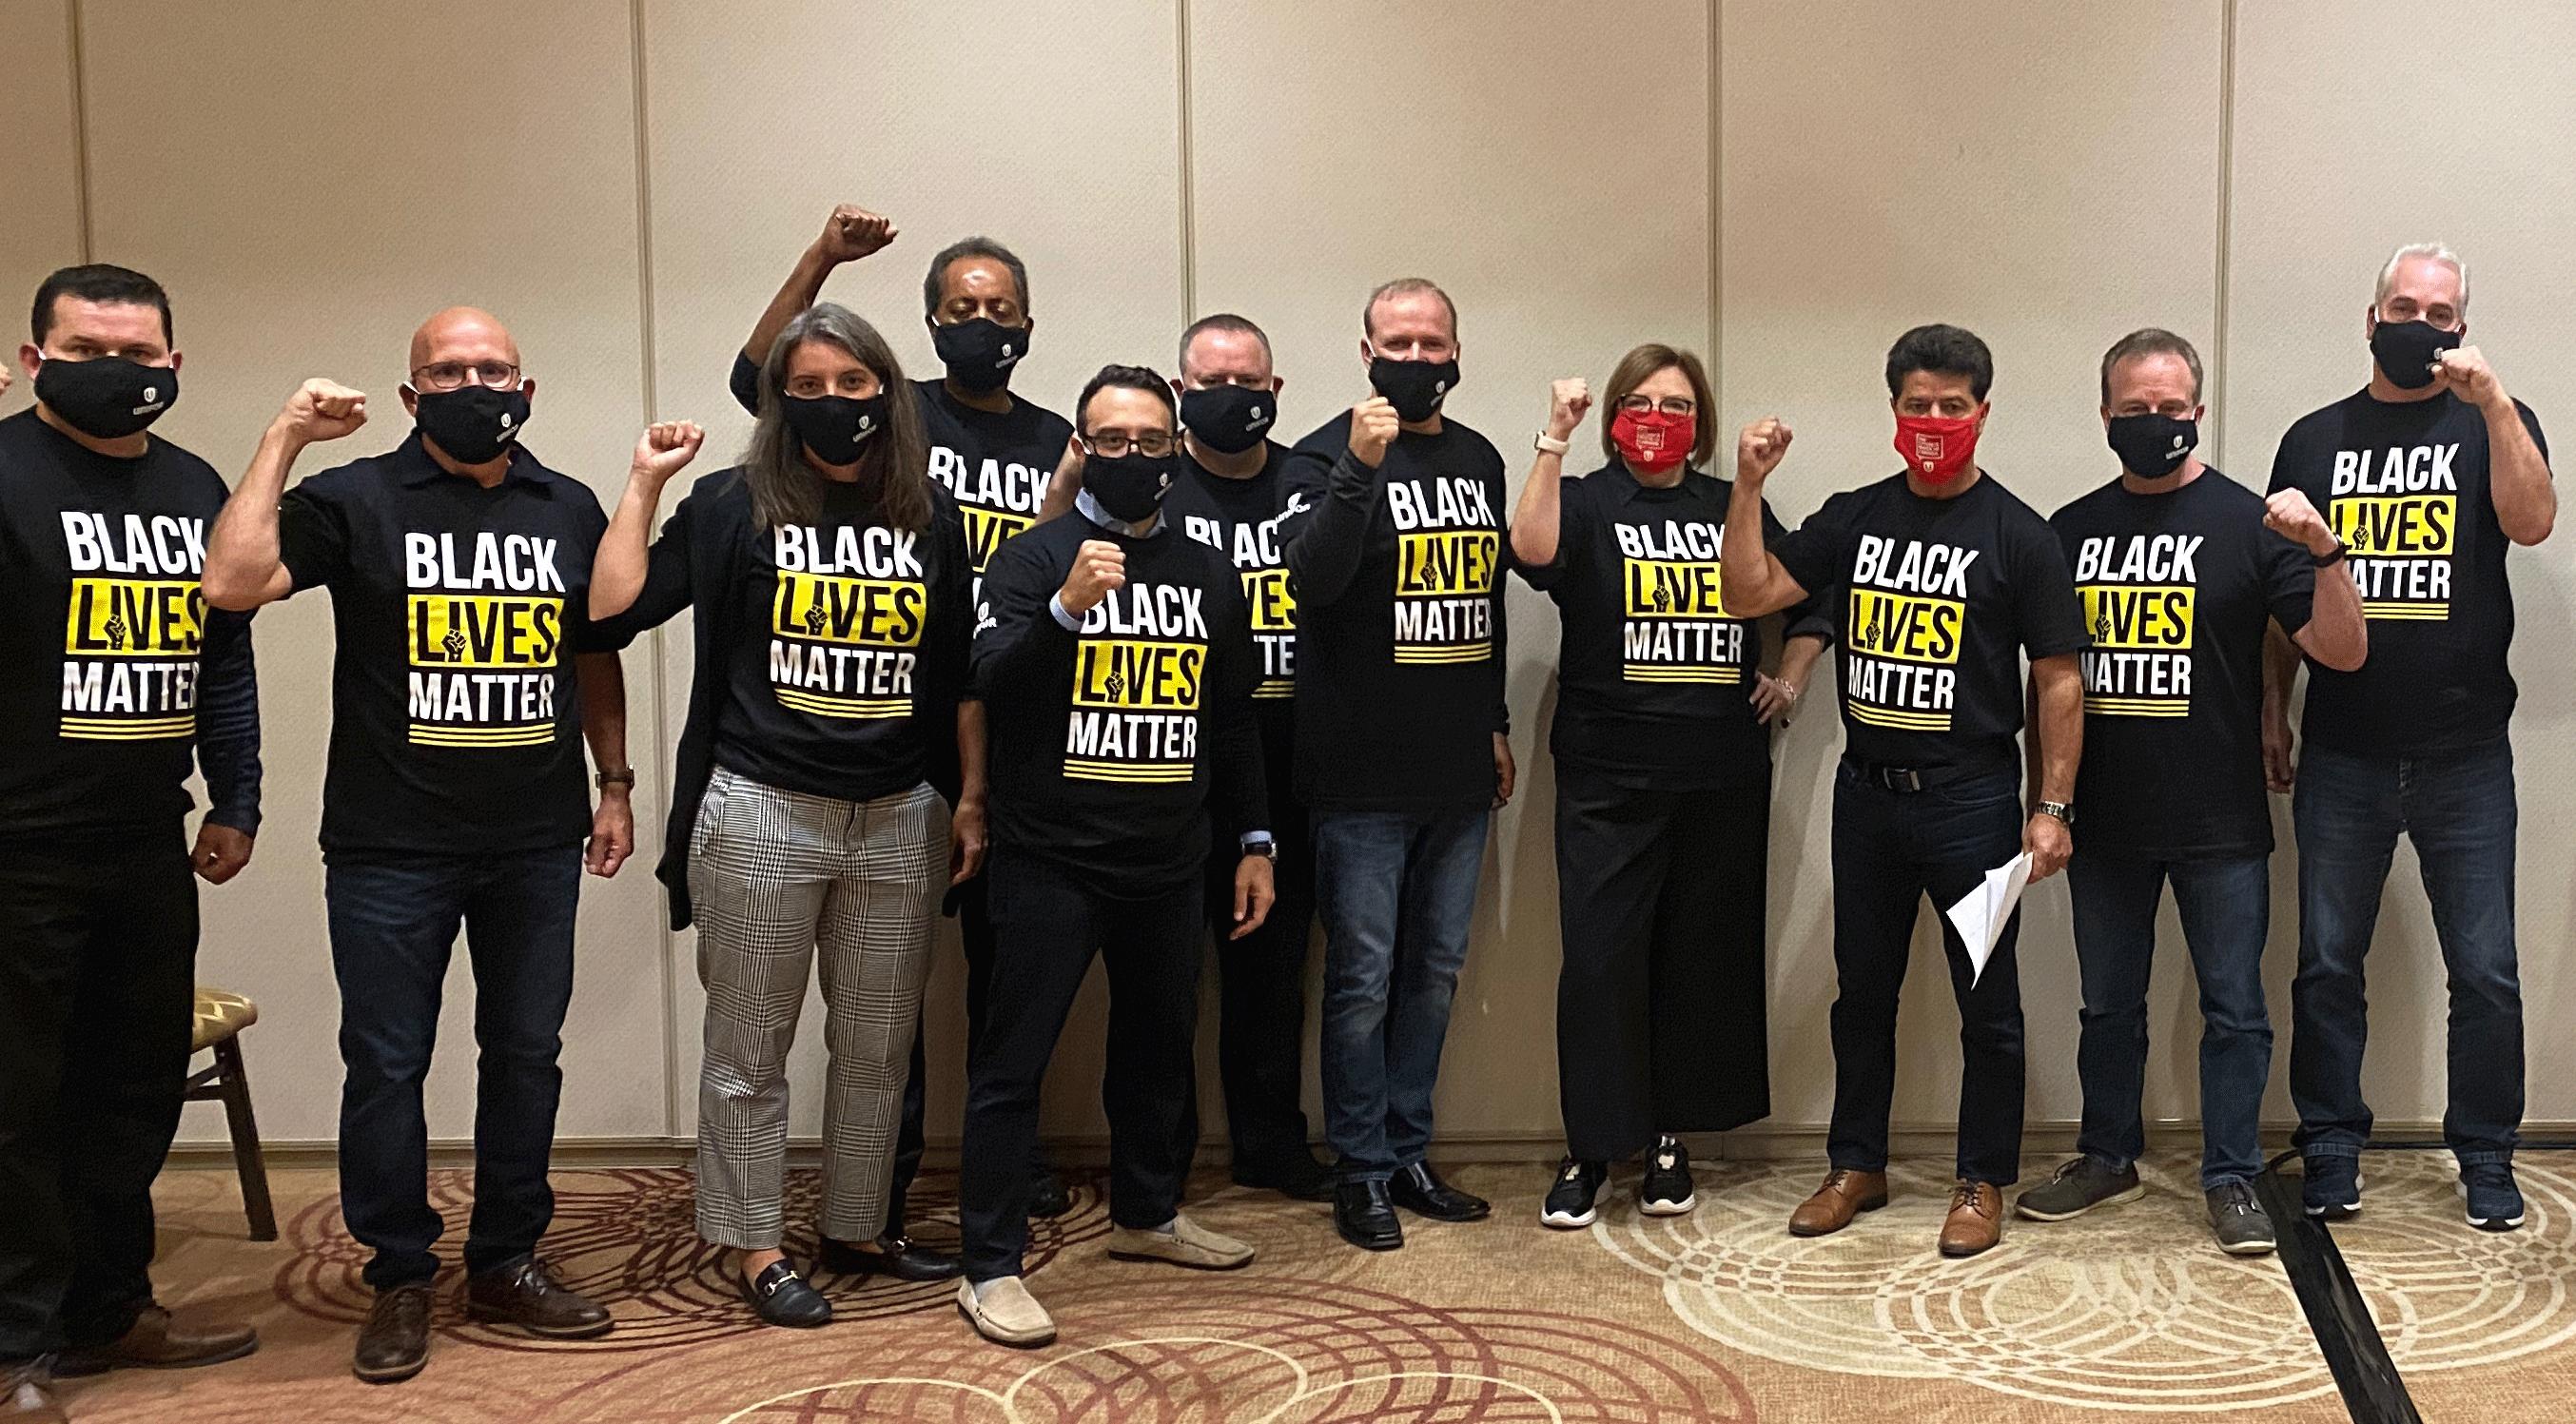 Les dirigeants et les membres d'Unifor portant des t-shirts Black Lives Matter lèvent le poing.